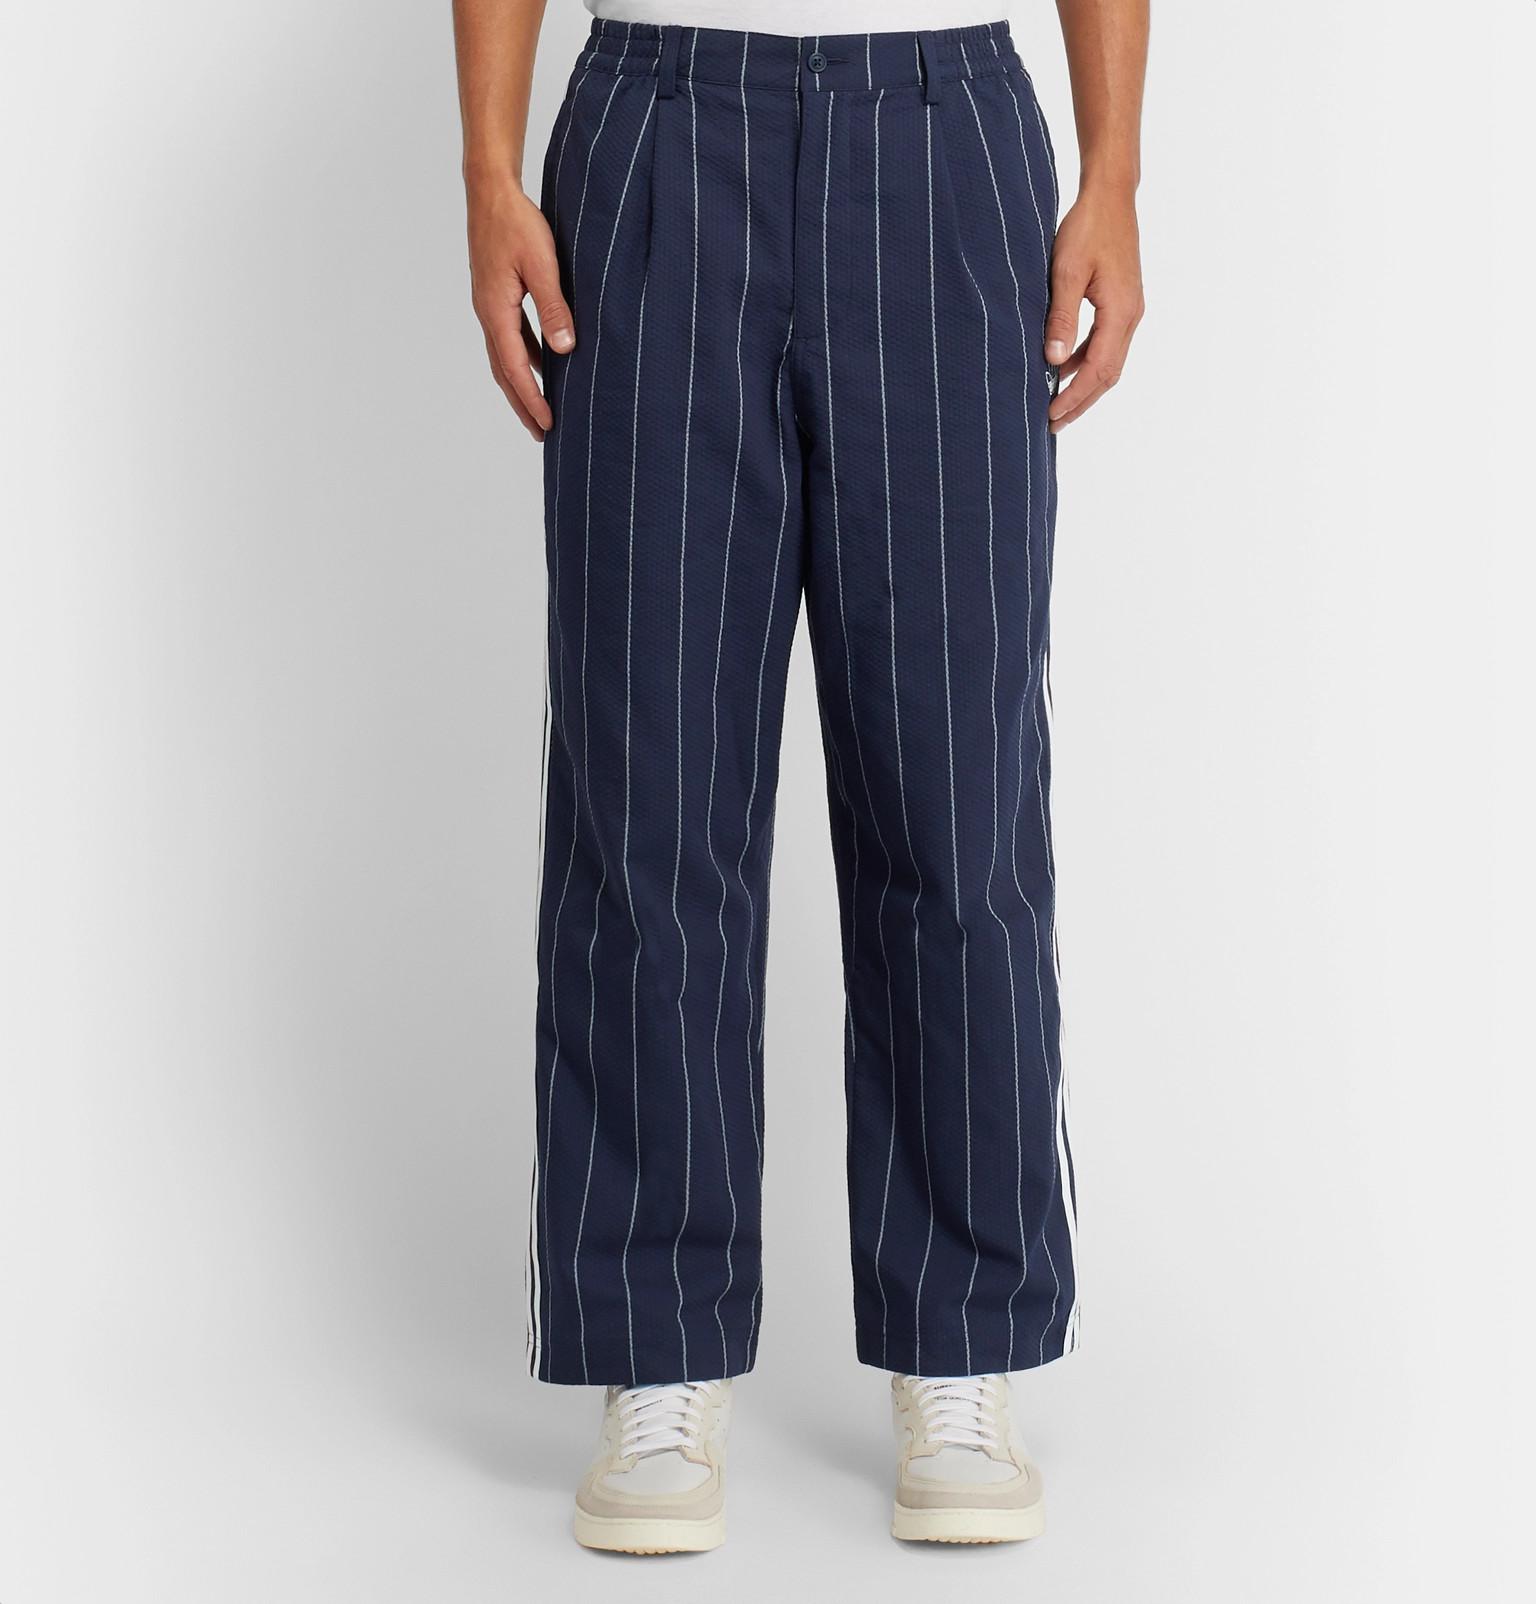 Adidas Originals Herren schwarz Deluxe Knit Track Hose